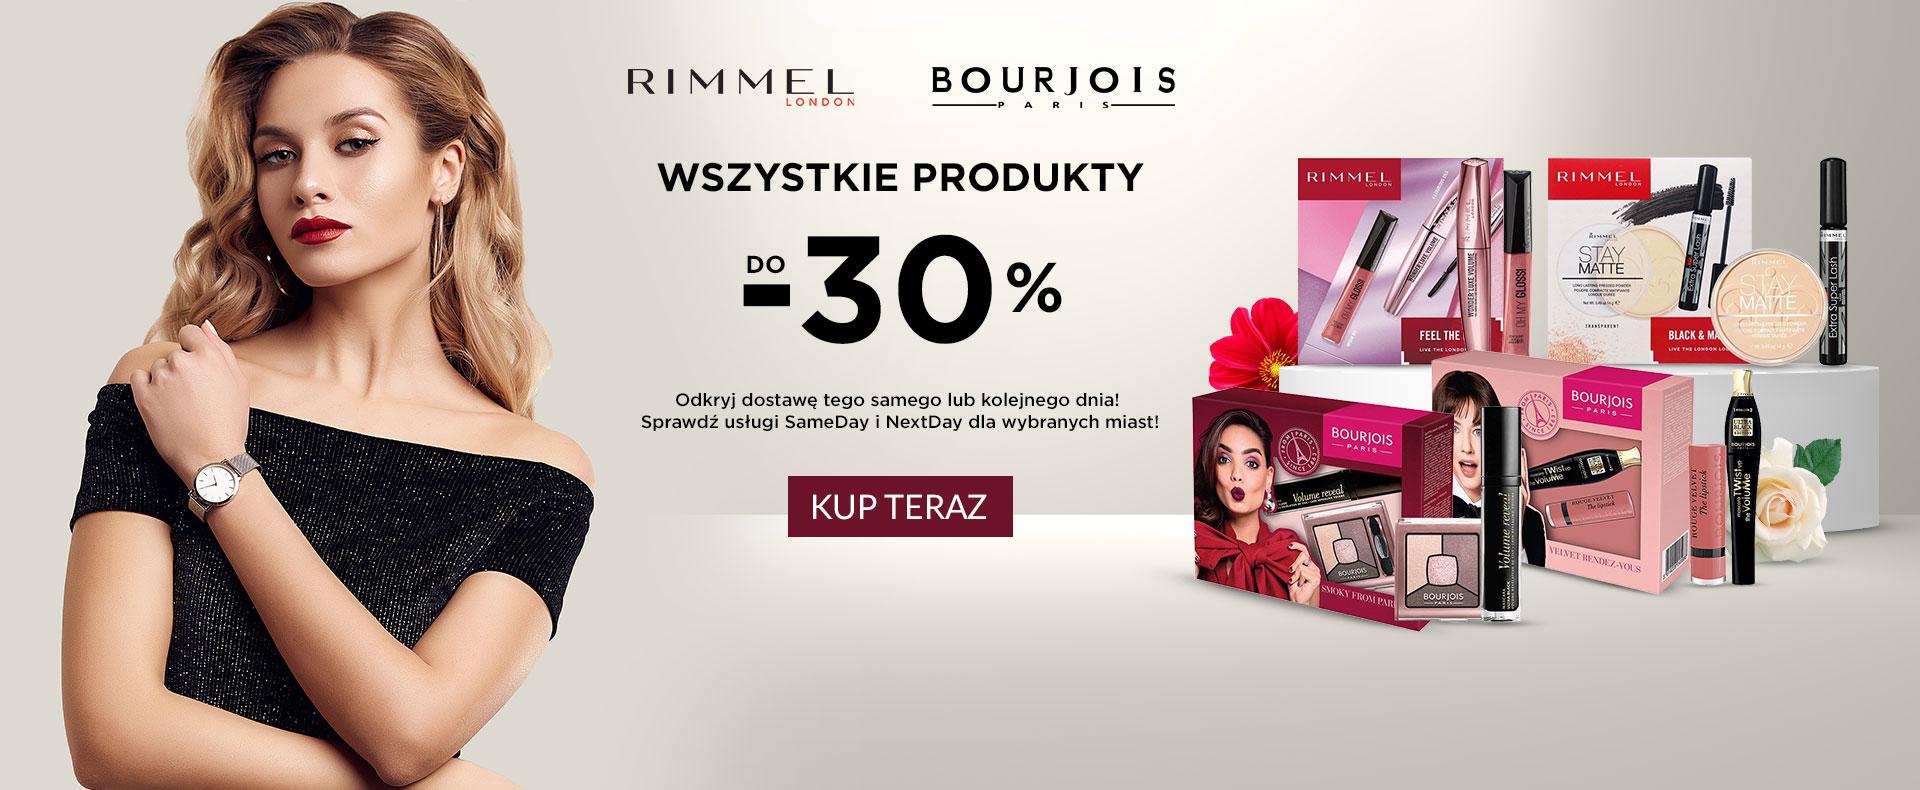 Ezebra: do 30% rabatu na wszystkie produkty marek Rimmel London oraz Bourjois Paris